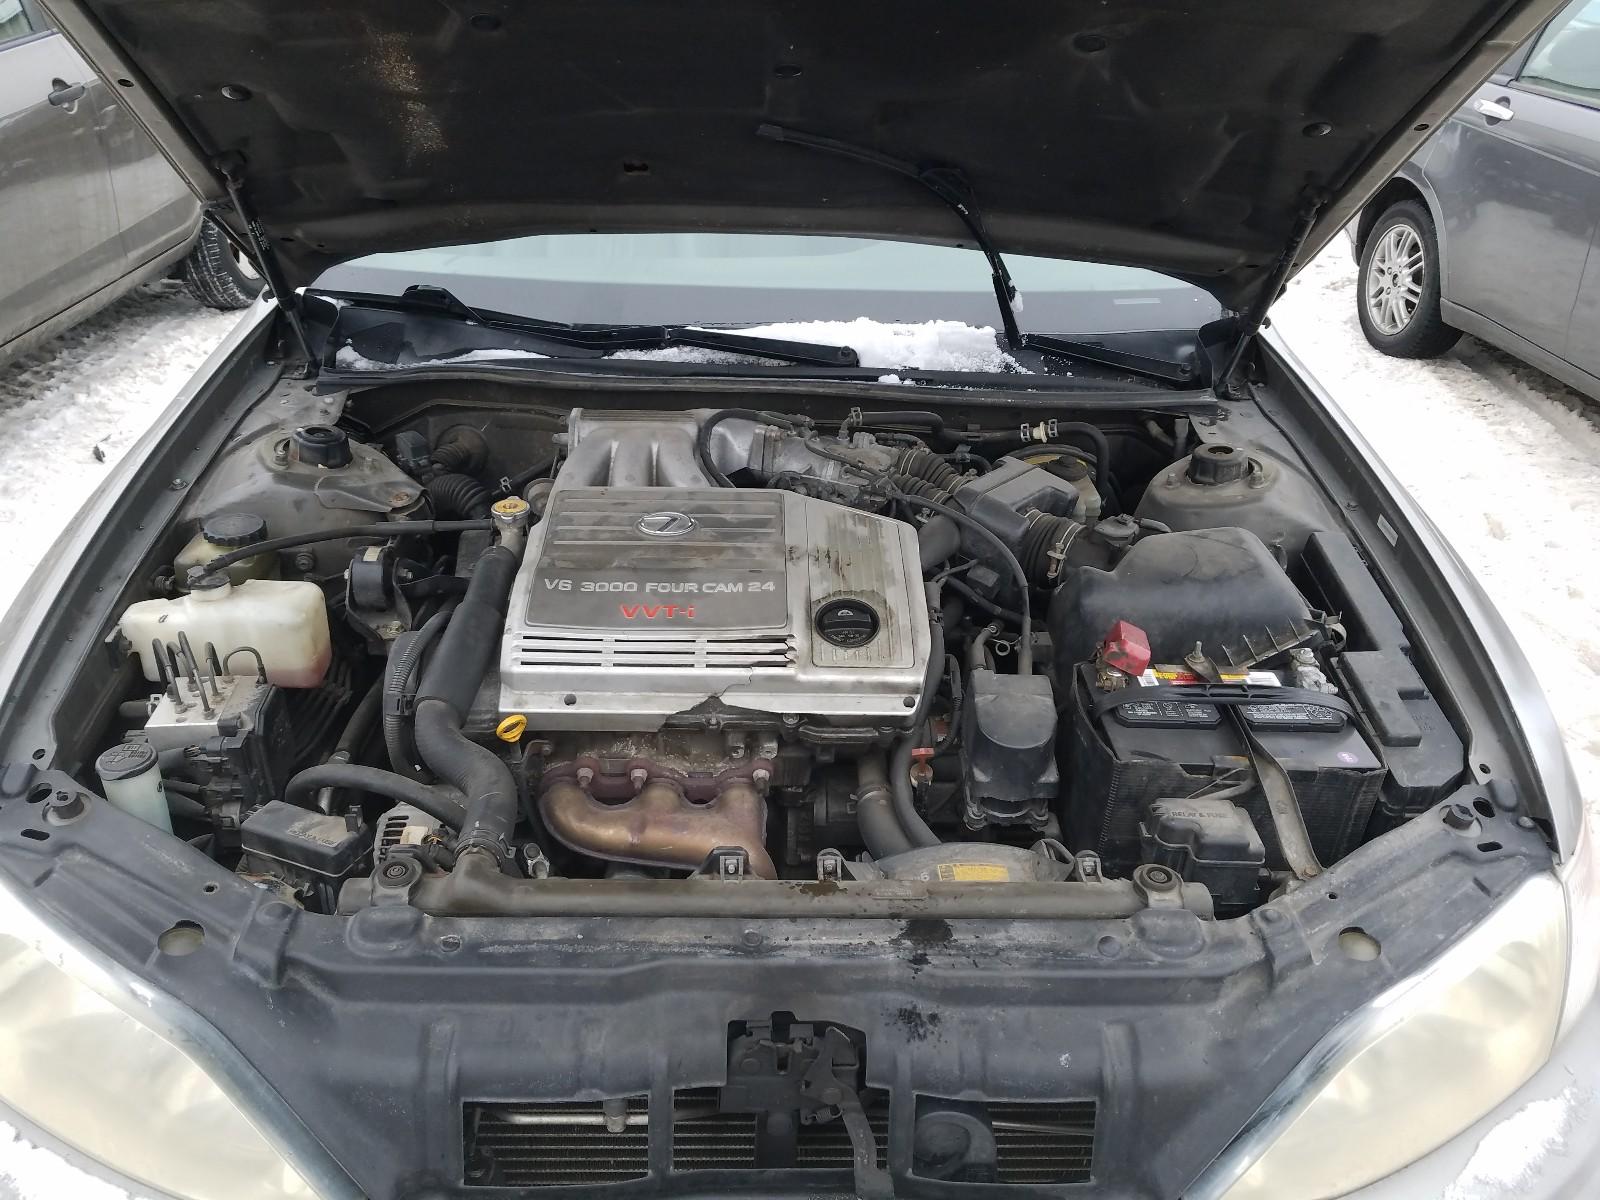 JT8BF28GXX0222882 - 1999 Lexus Es 300 3.0L inside view